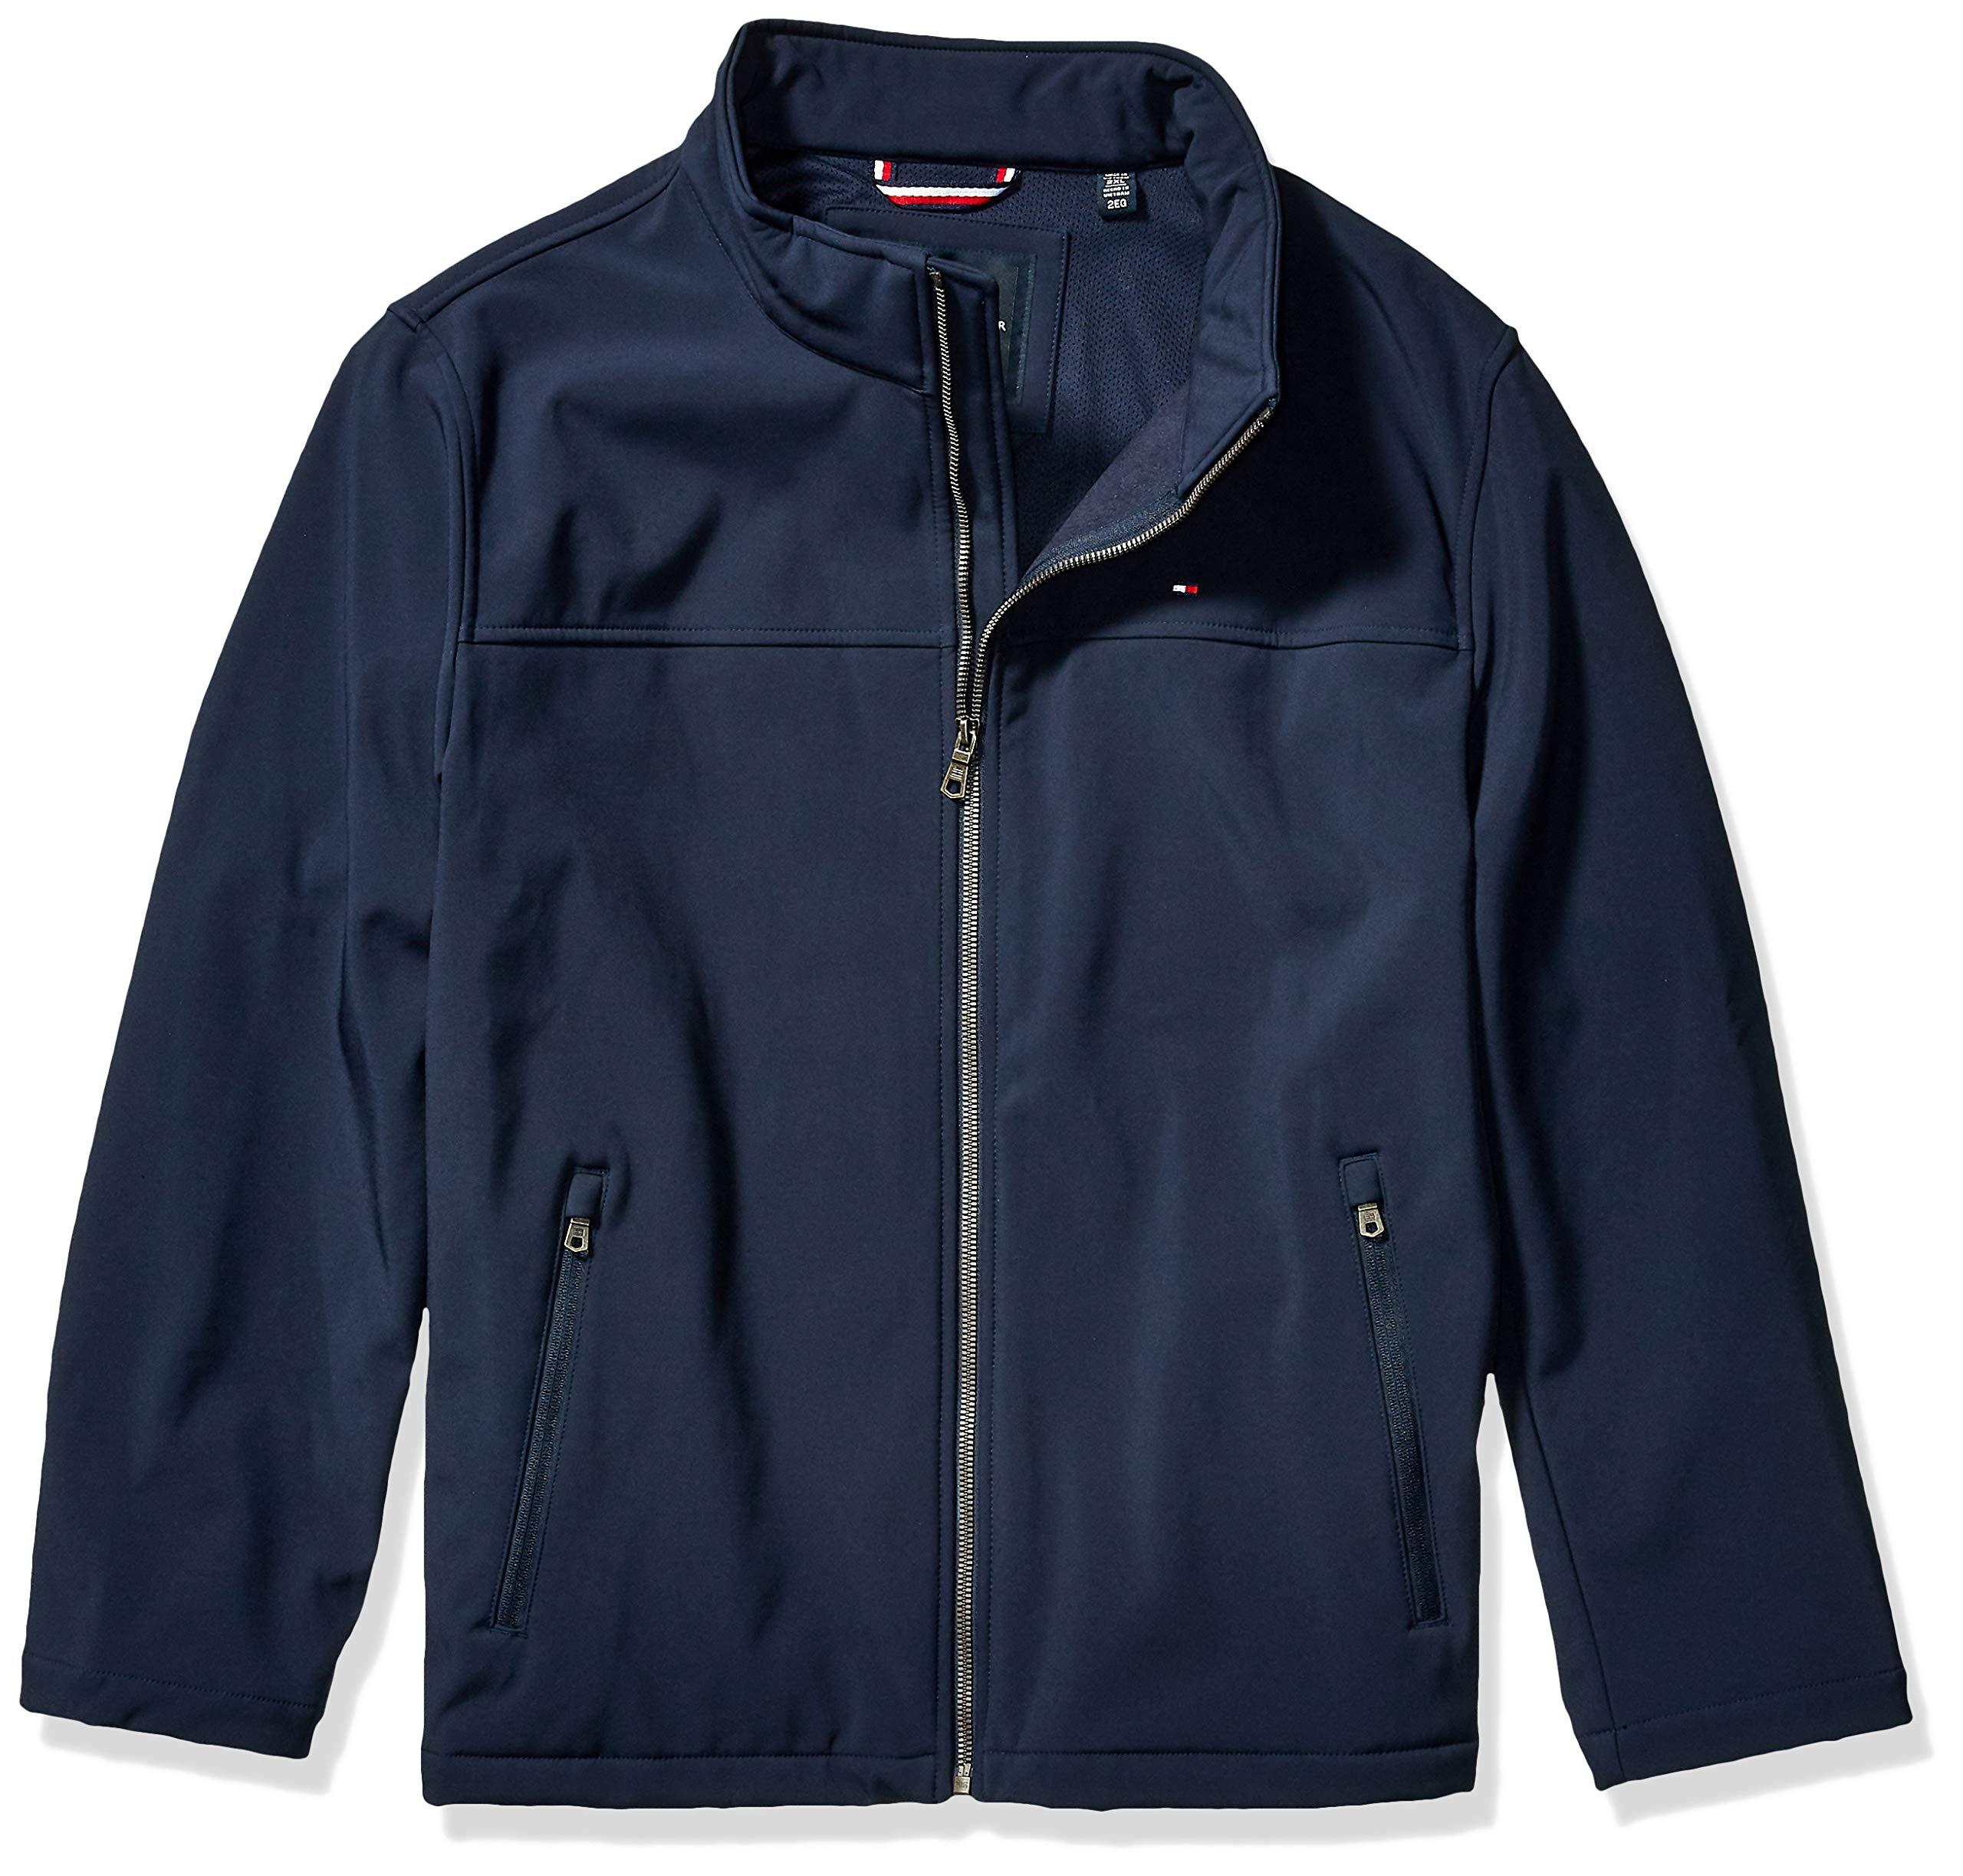 Tommy Hilfiger Men's Big Classic Soft Shell Jacket (Regular & Big-Tall Sizes), Midnight, 3XT